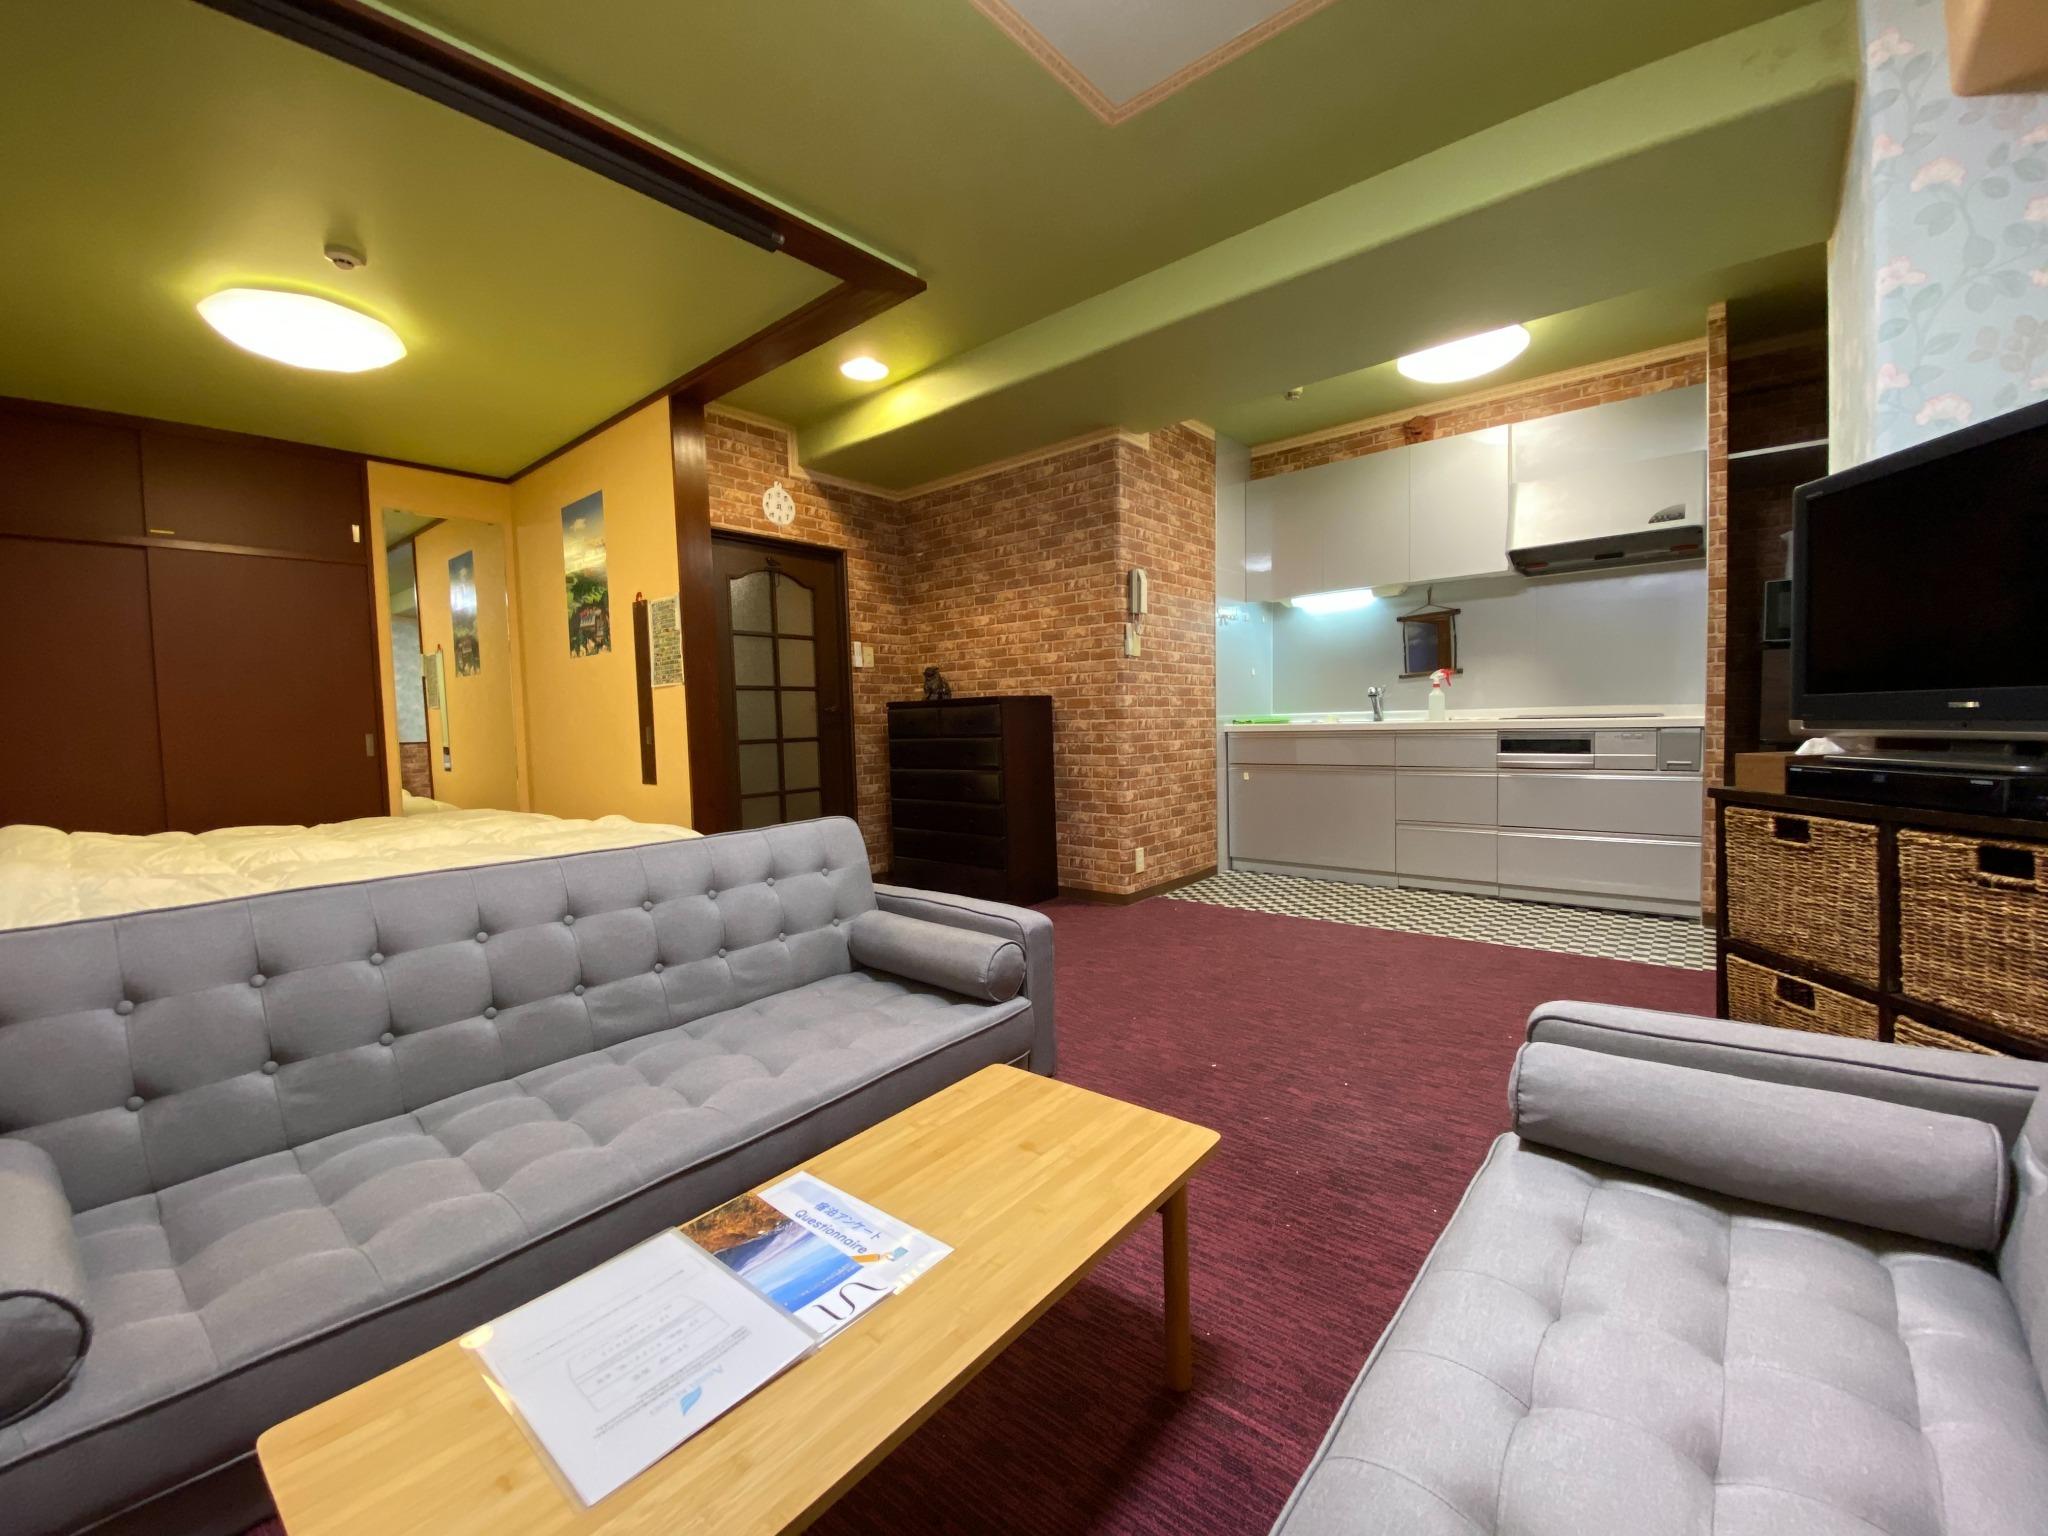 【ワーケーション応援】温泉有・Wi-Fi完備・リゾートマンションでごゆっくり【916号室・4名】